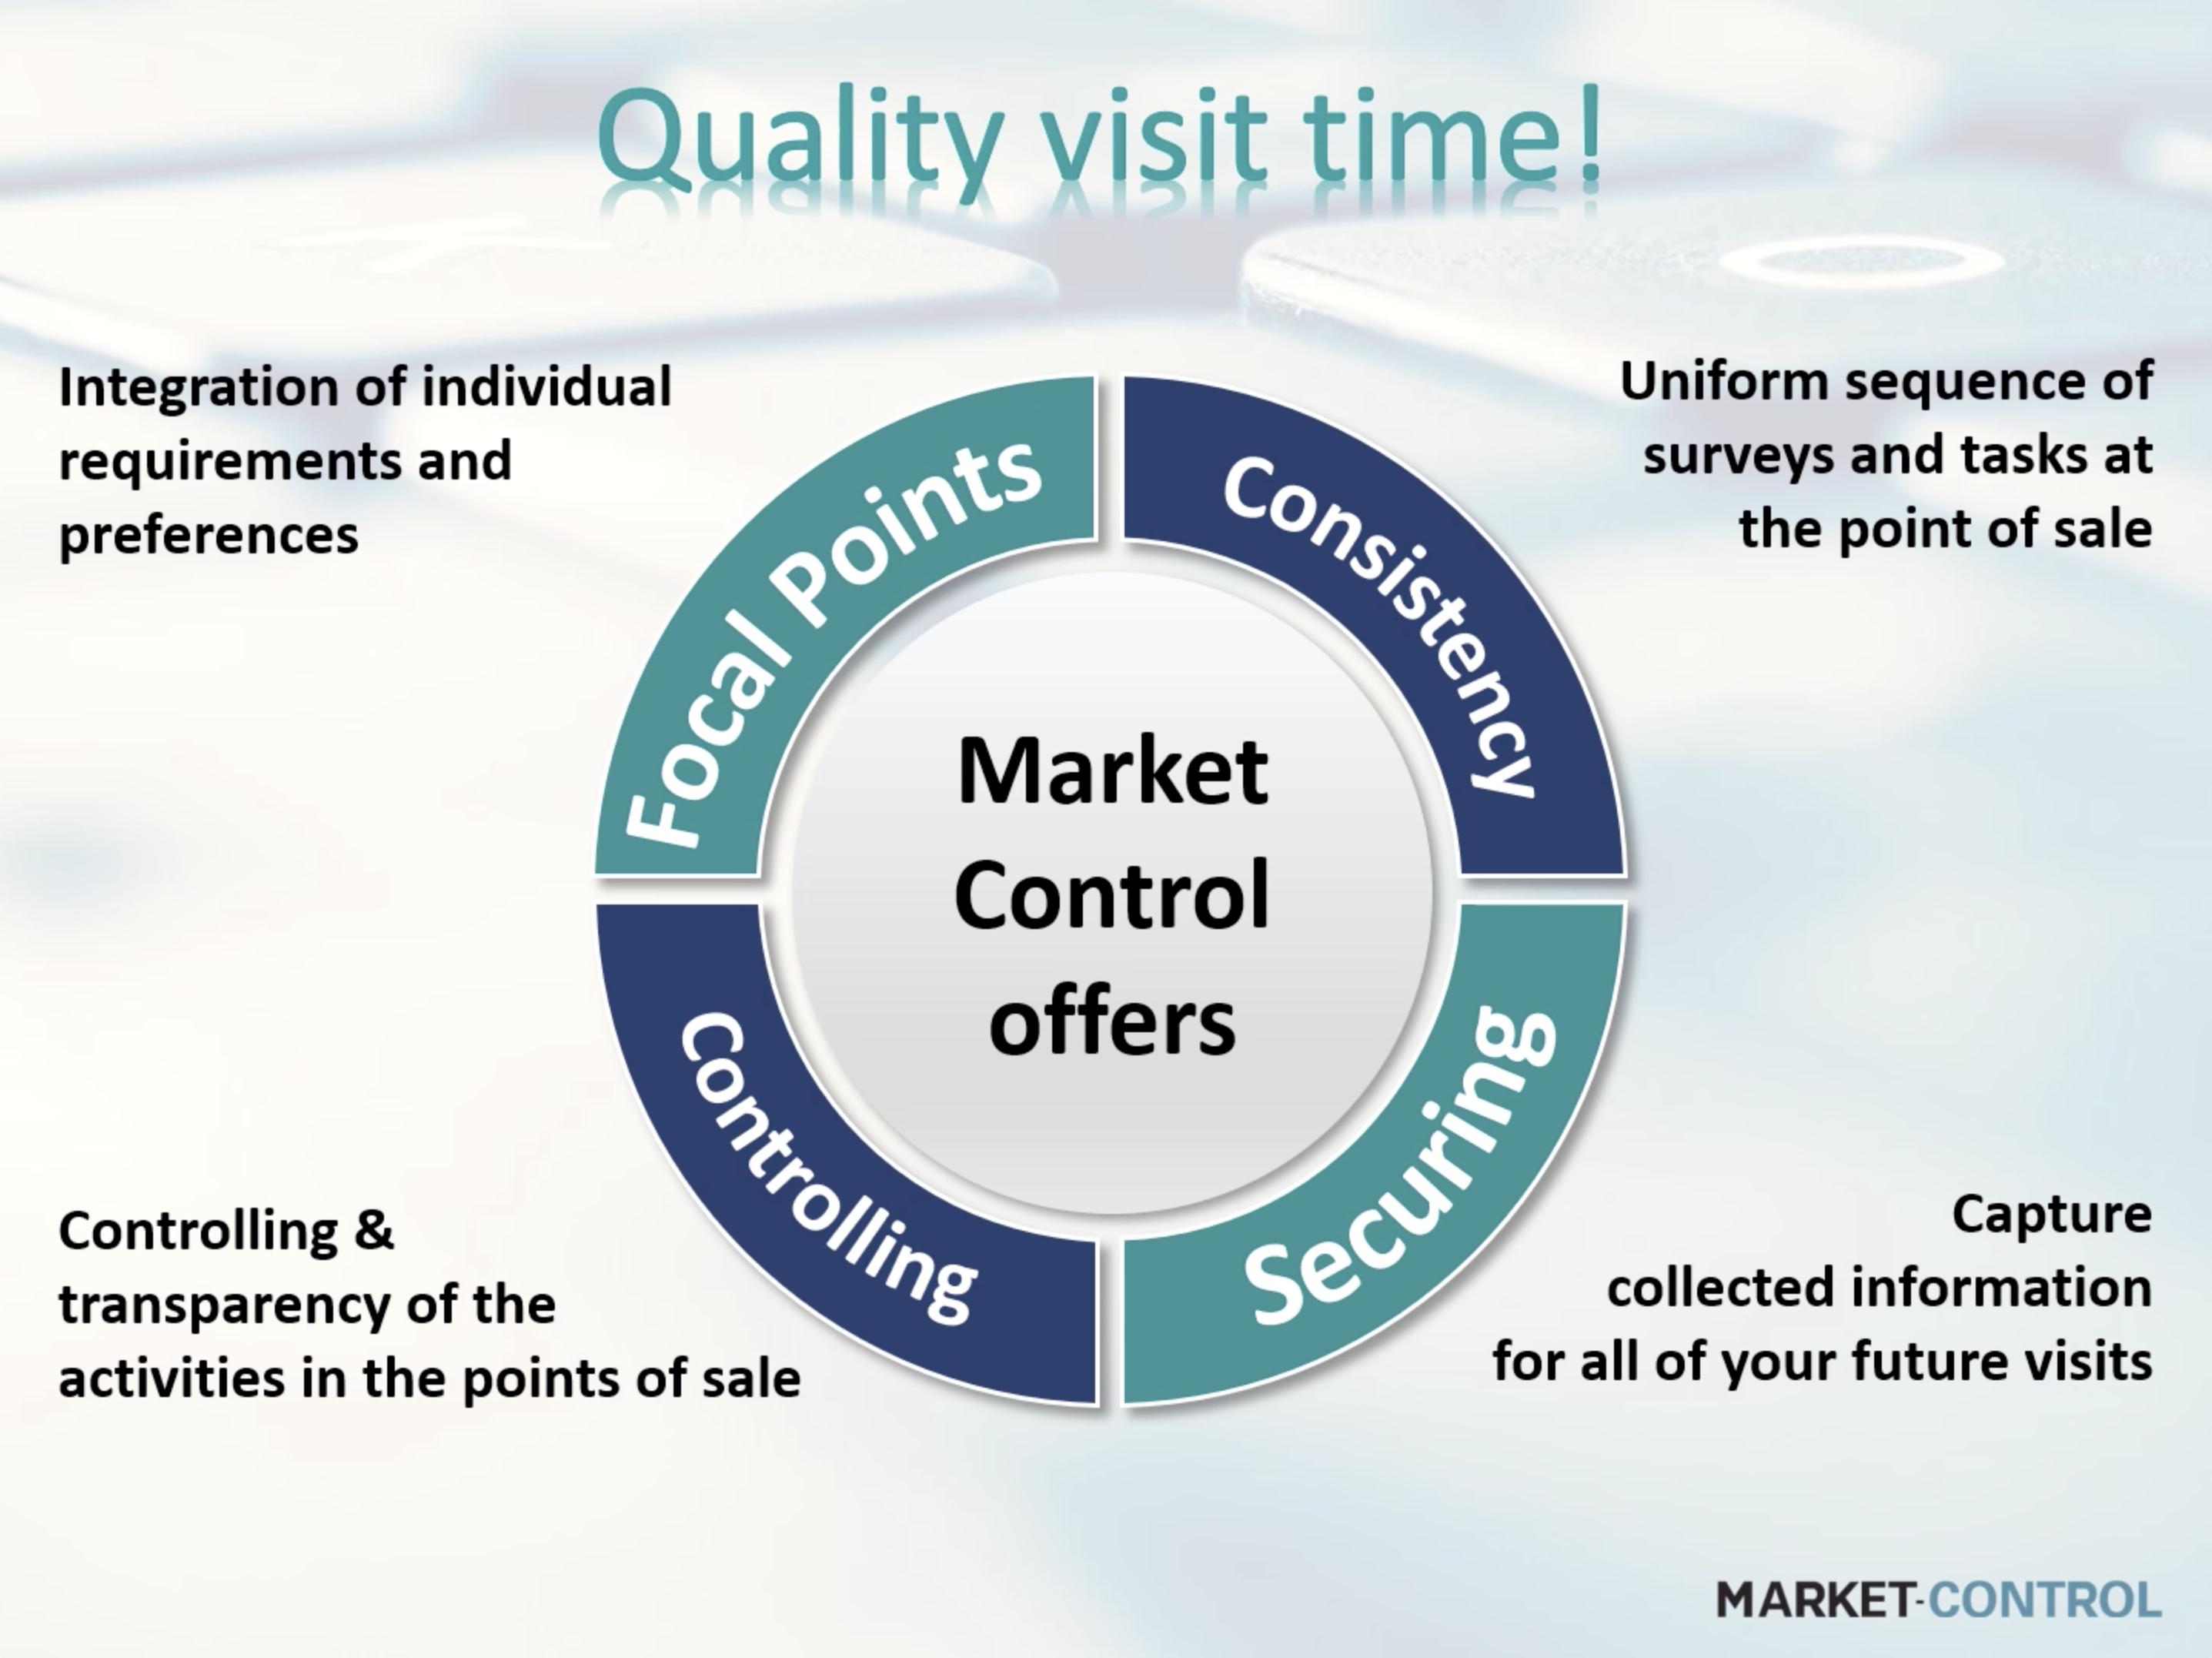 ¡Tiempo de visita de calidad!